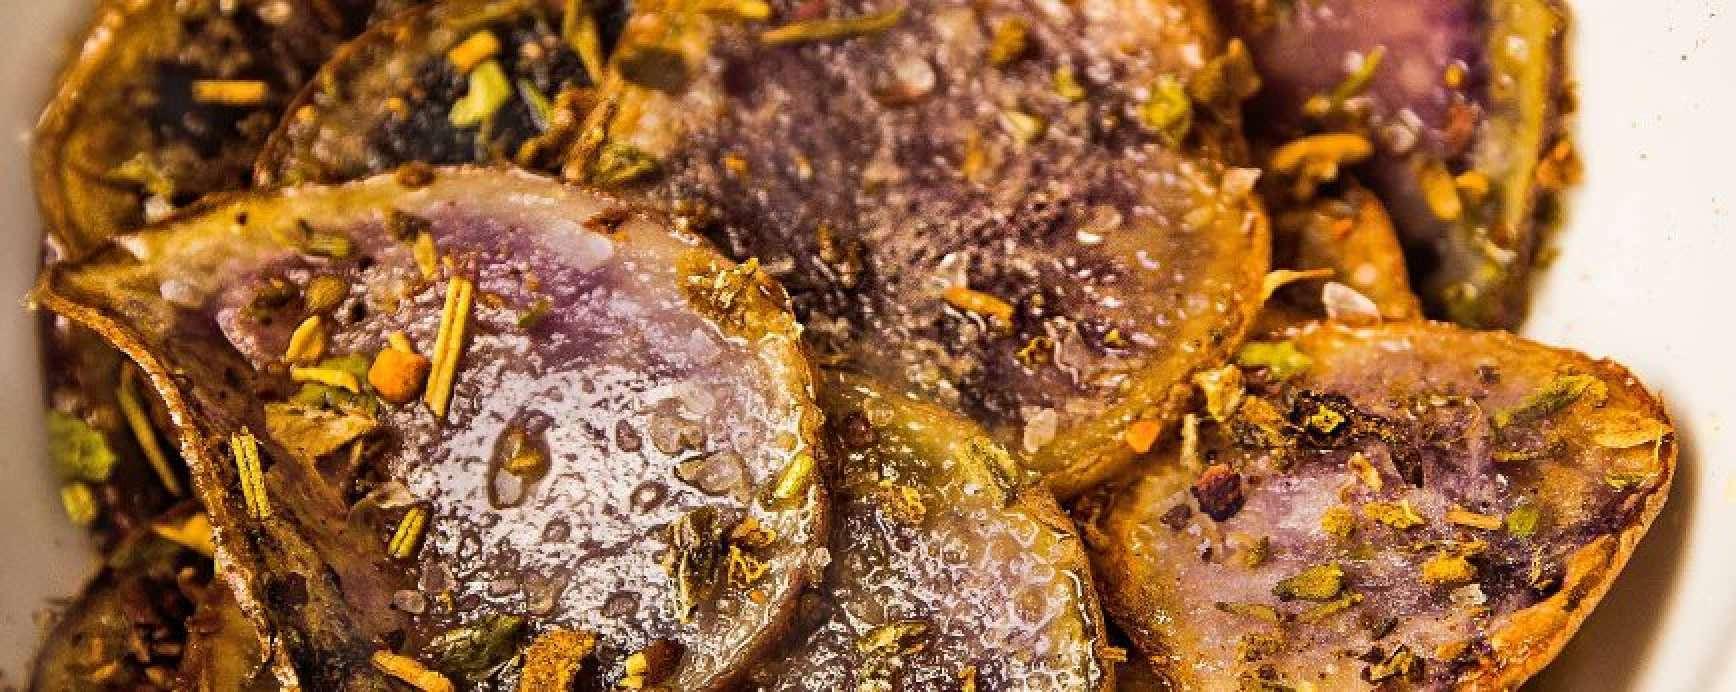 Les chips de pommes de terre à chair violette, parsemés avec un mélange d'herbes